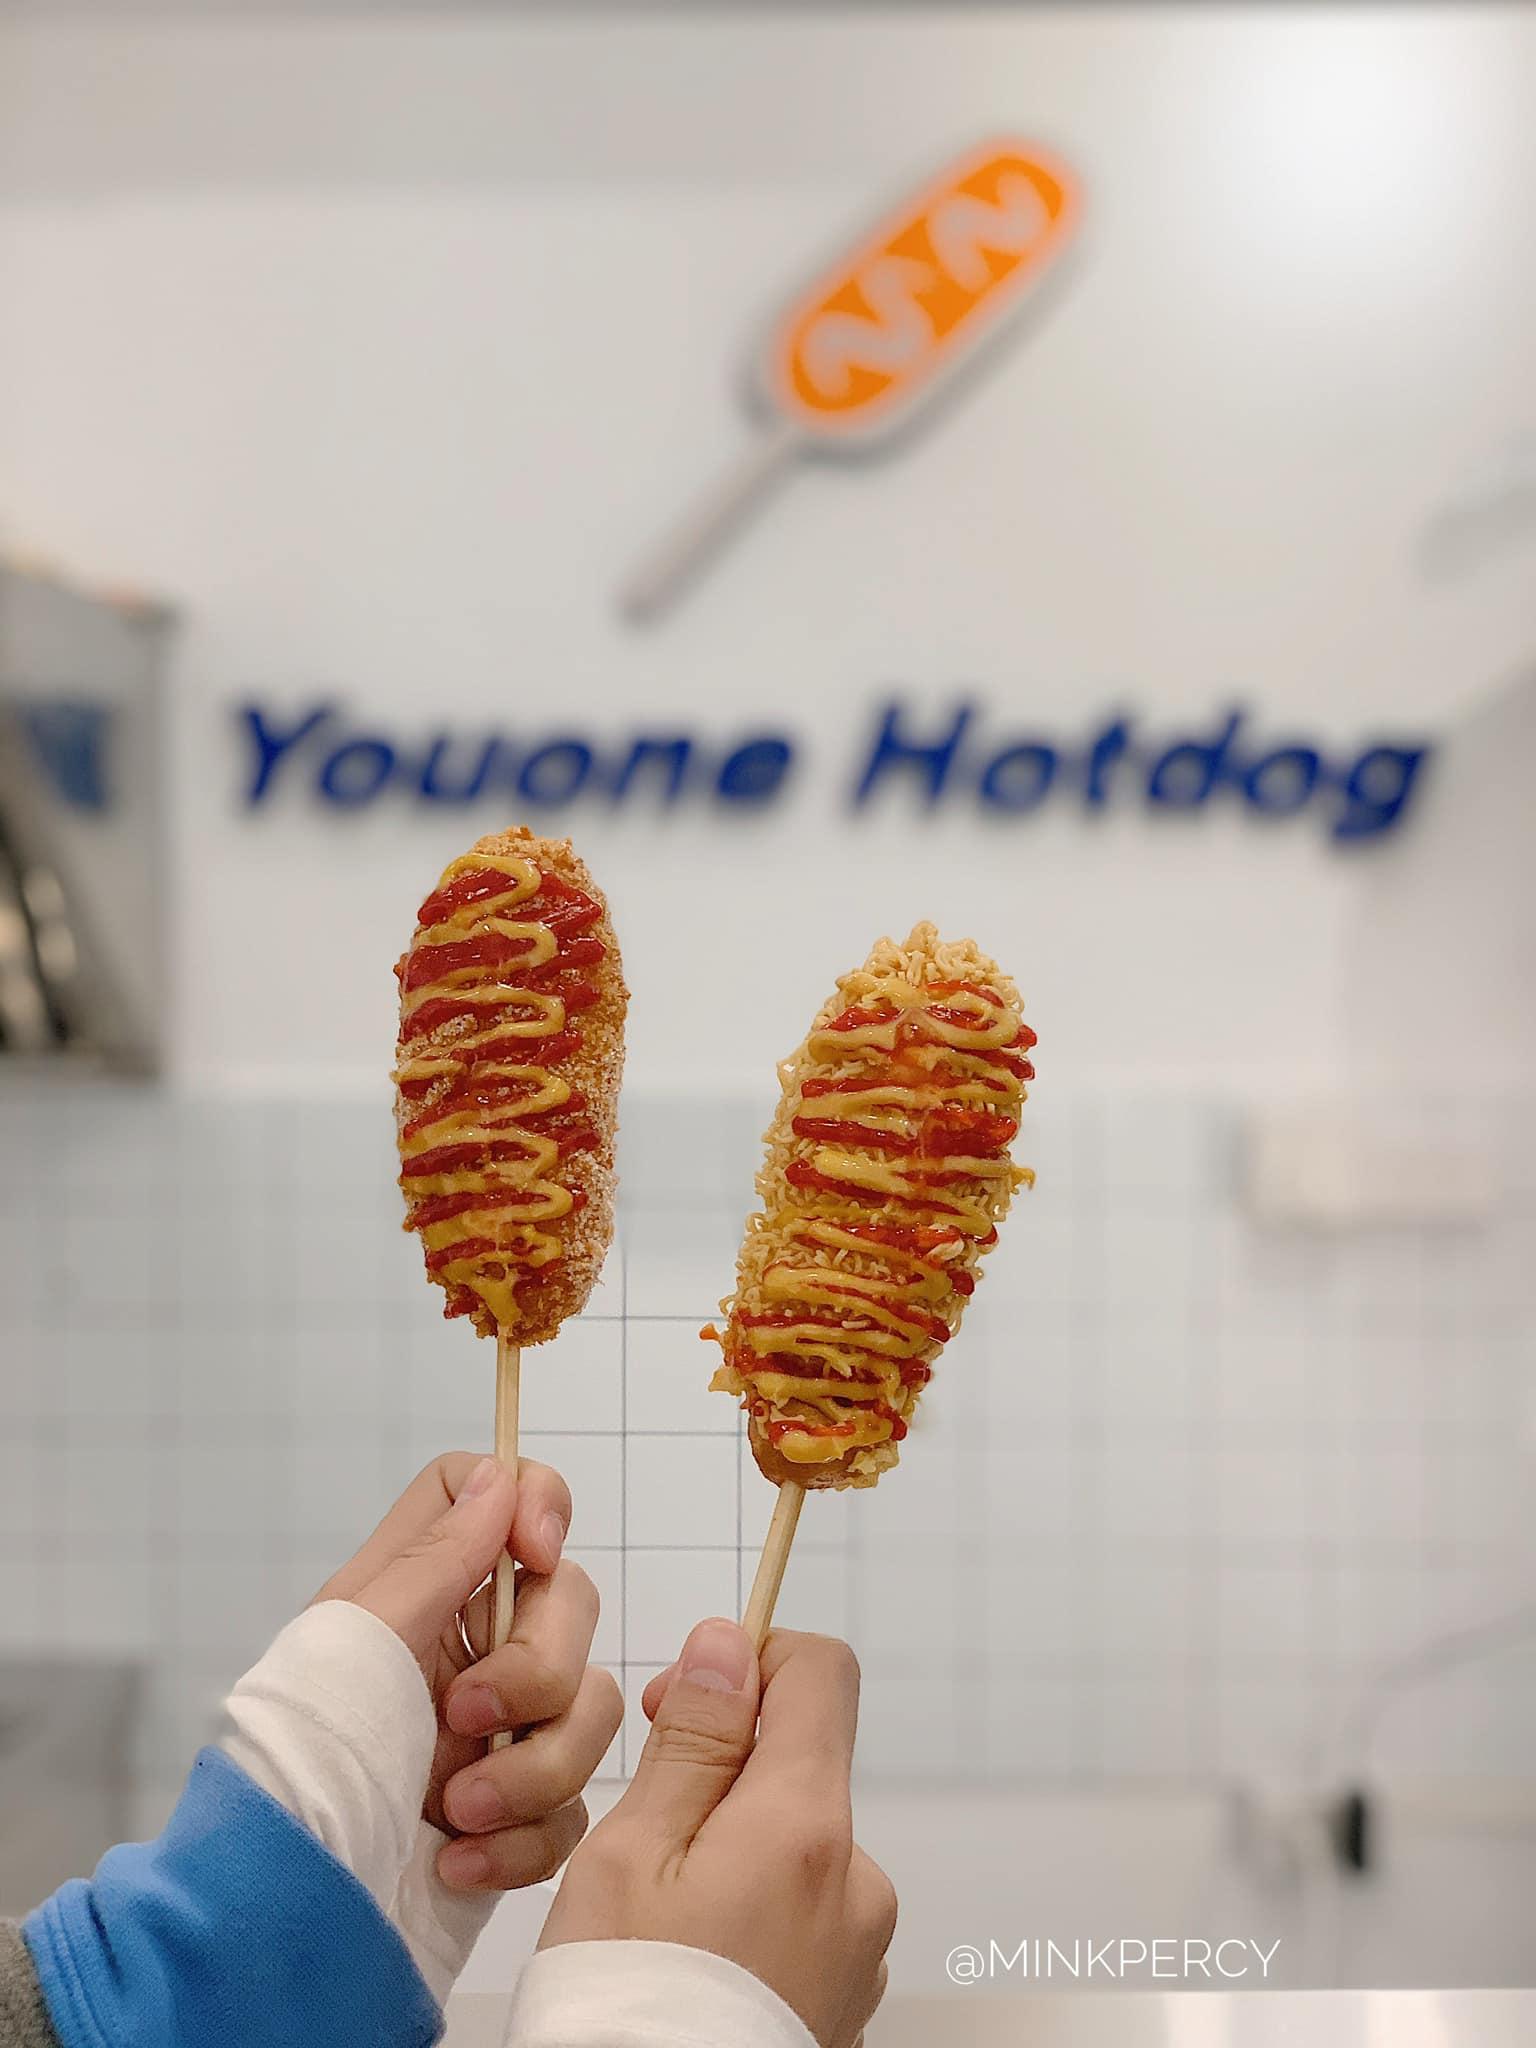 Youone Hotdog - thương hiệu bán hotdog rất được ưa chuộng